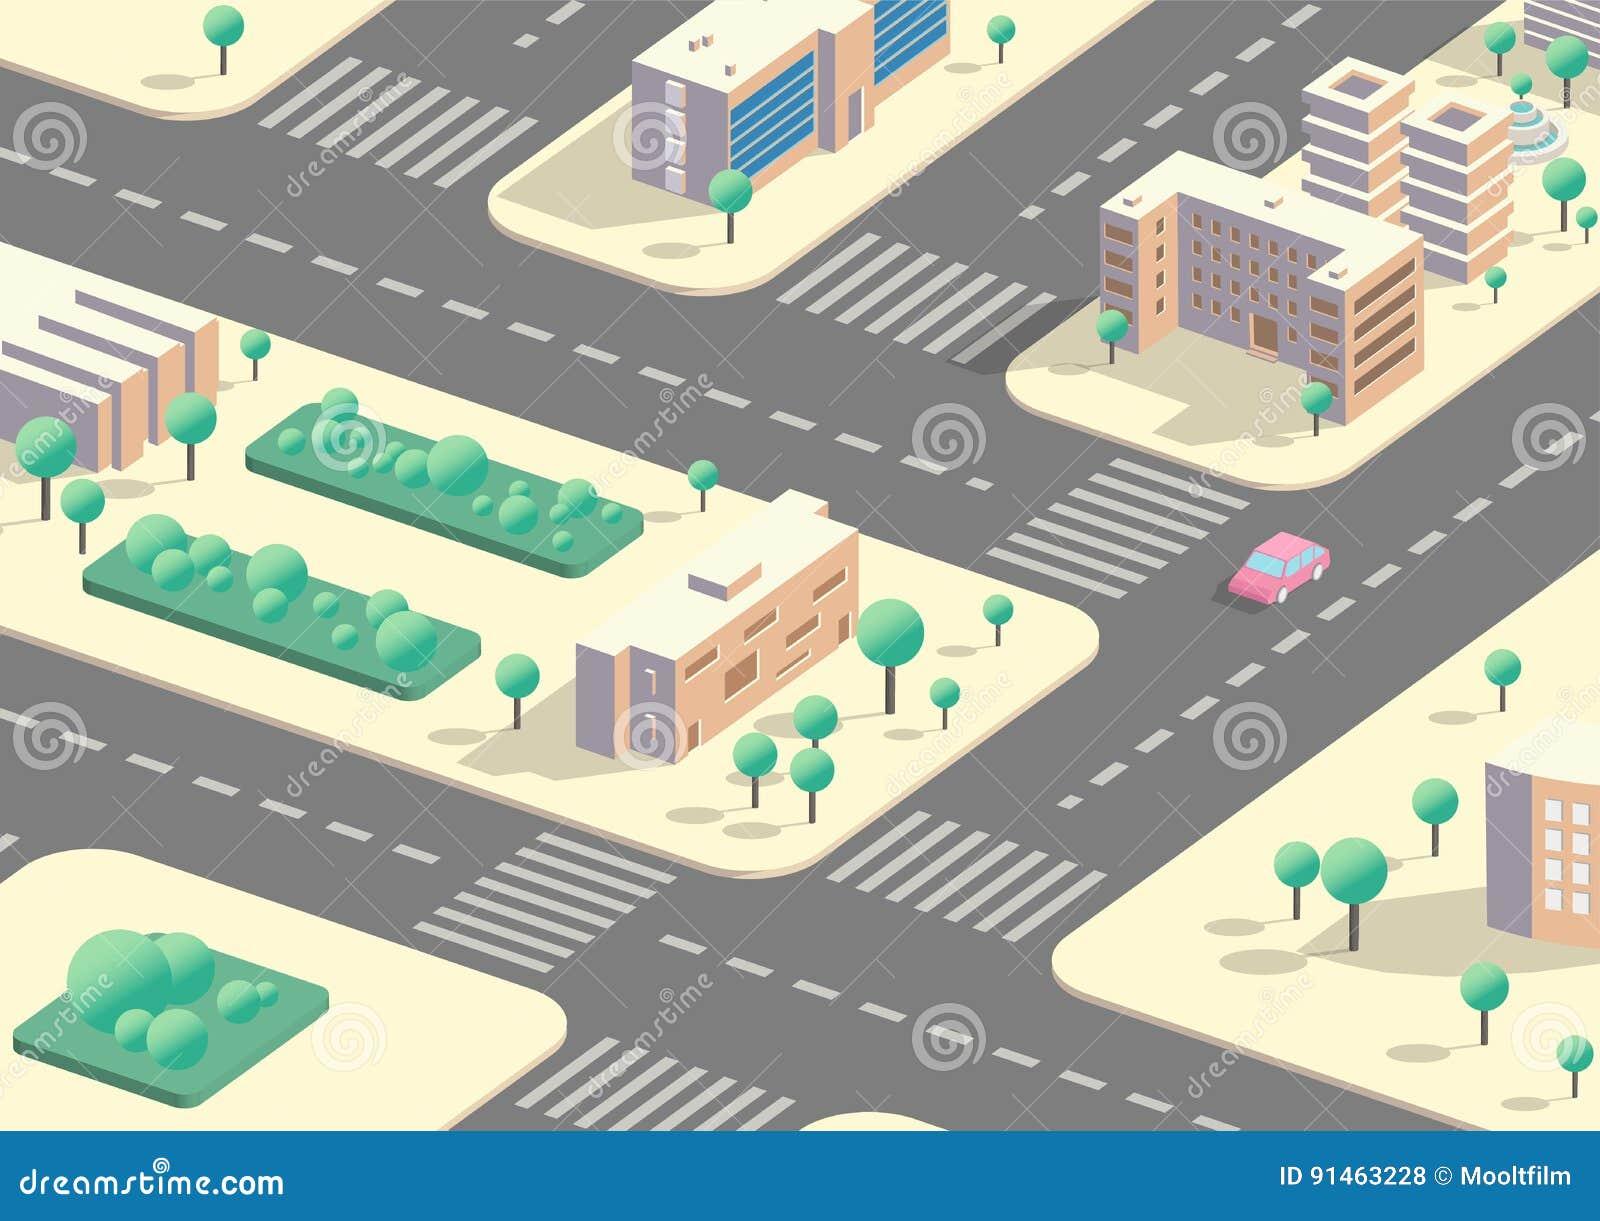 Car Parking Mega Blocks